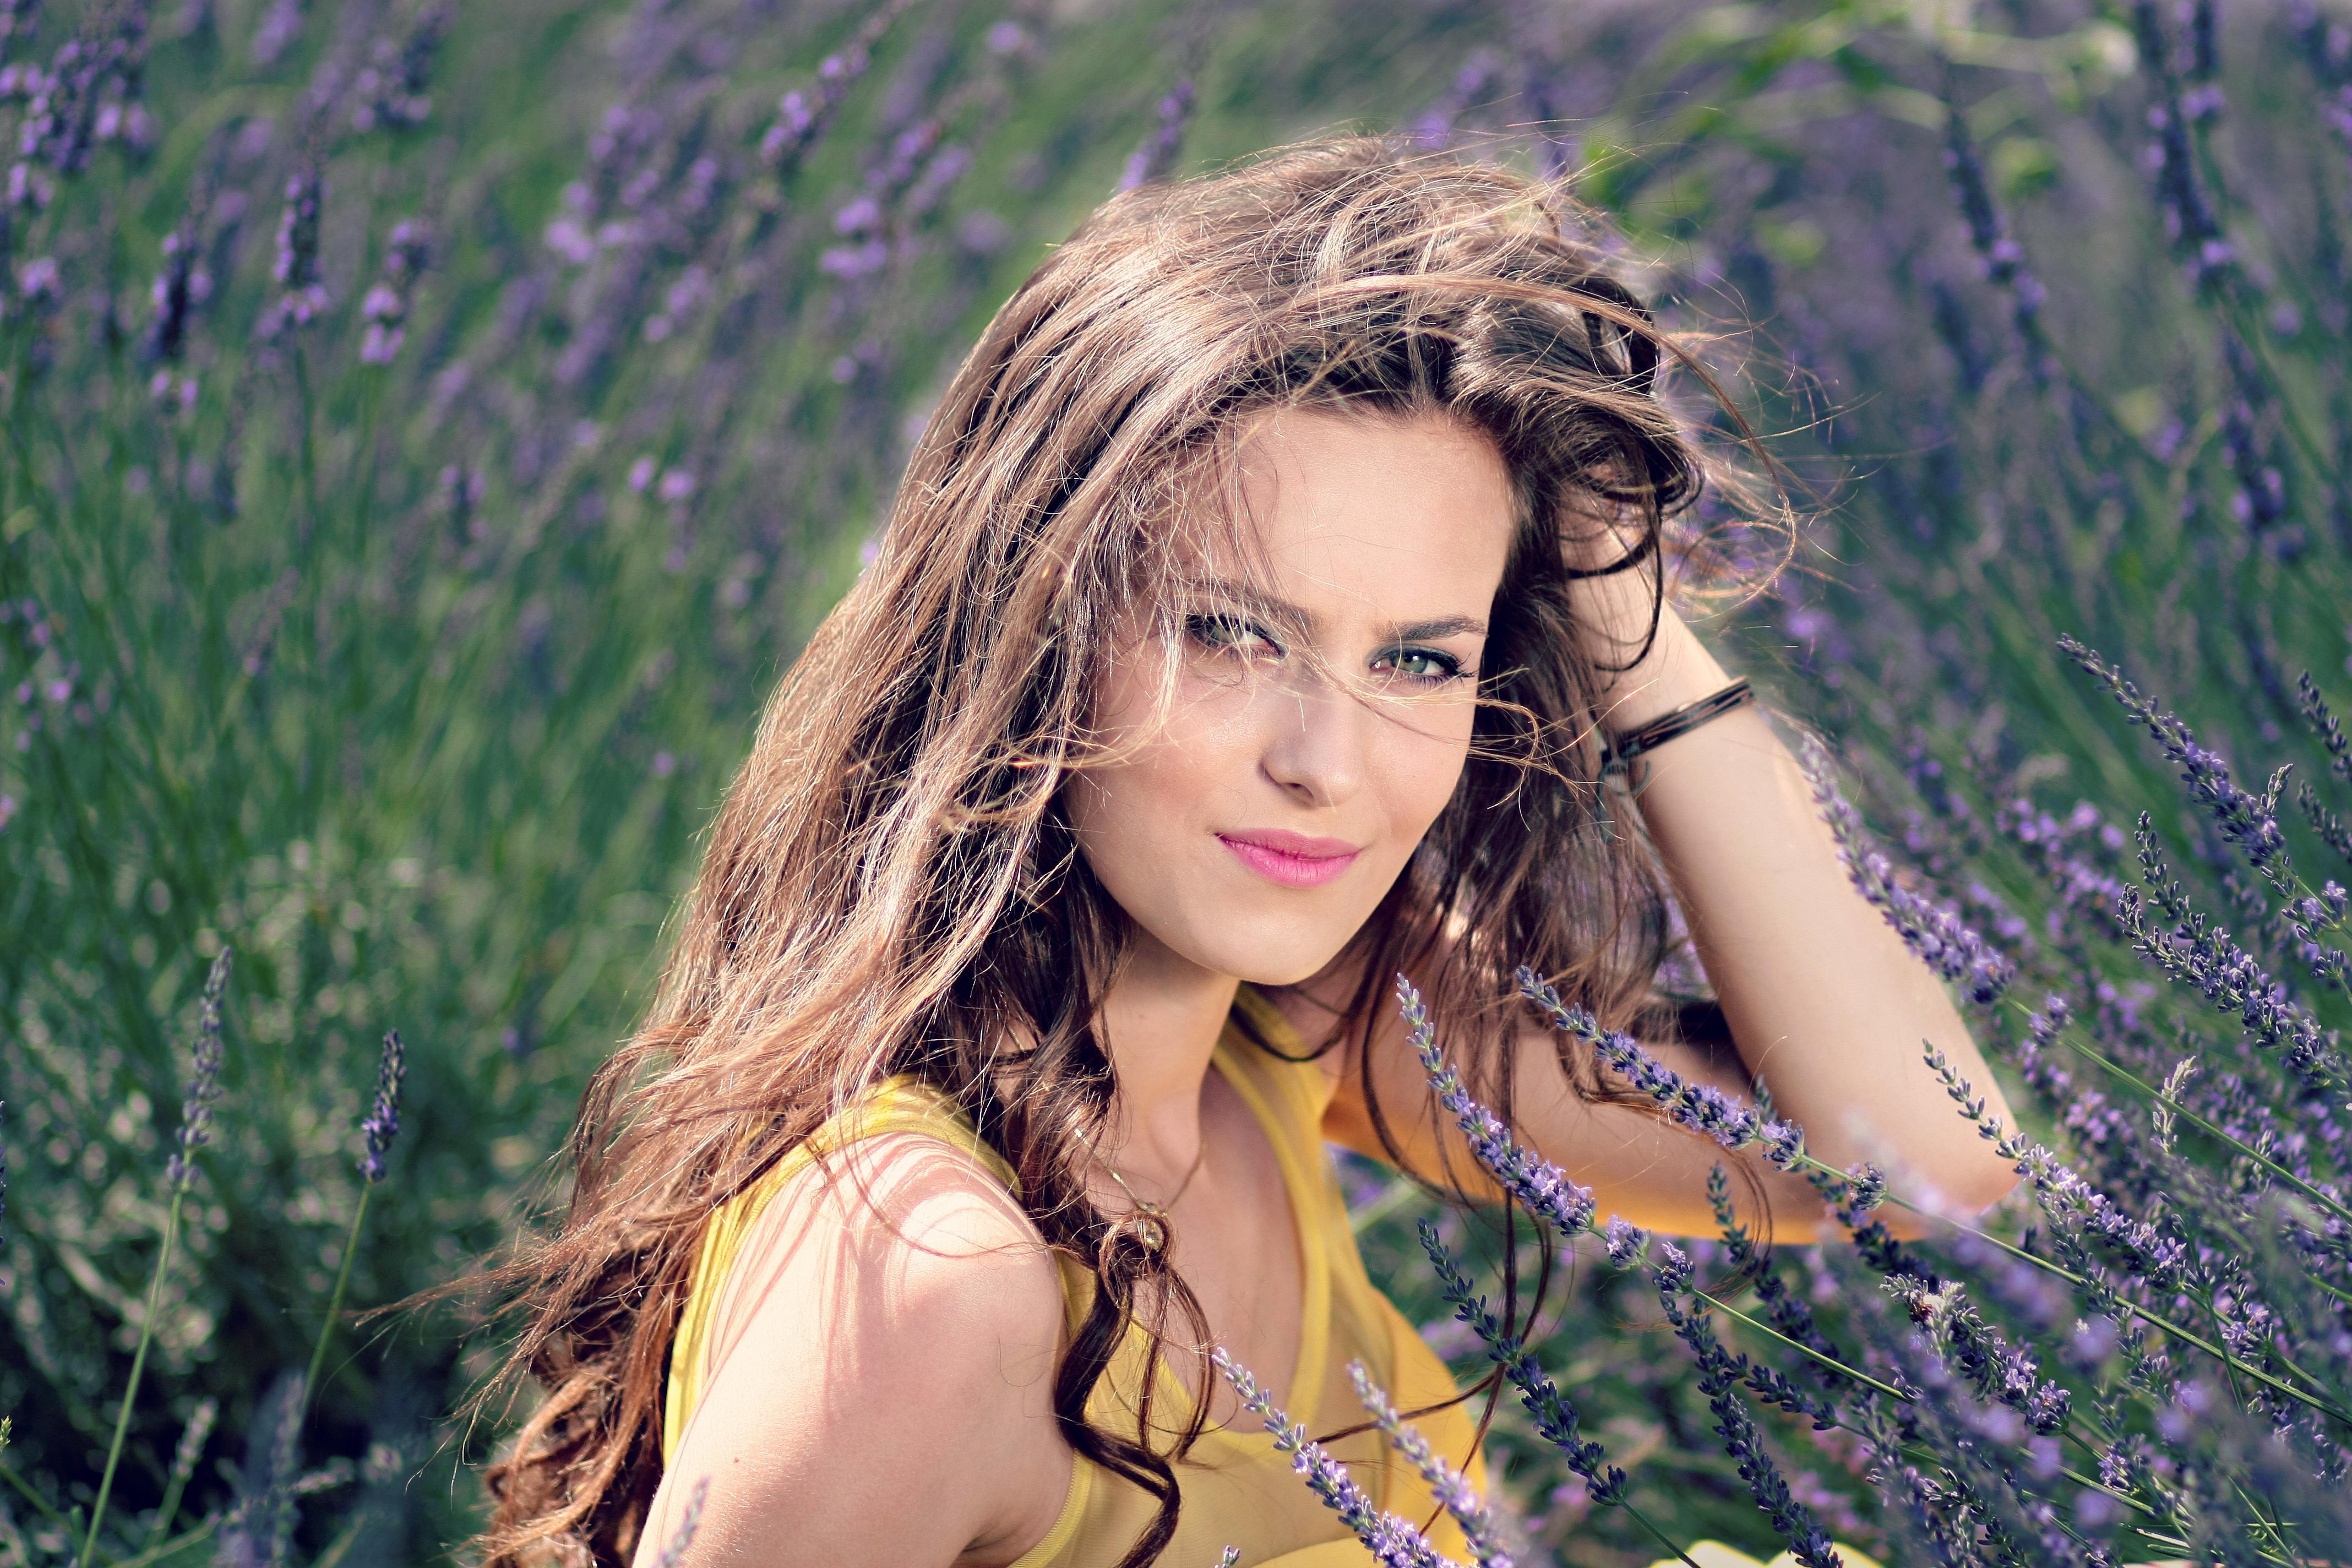 Gambar alam hutan orang gadis wanita padang rumput bunga model musim semi musim gugur mode warna lembayung muda hairstyle tersenyum rambut